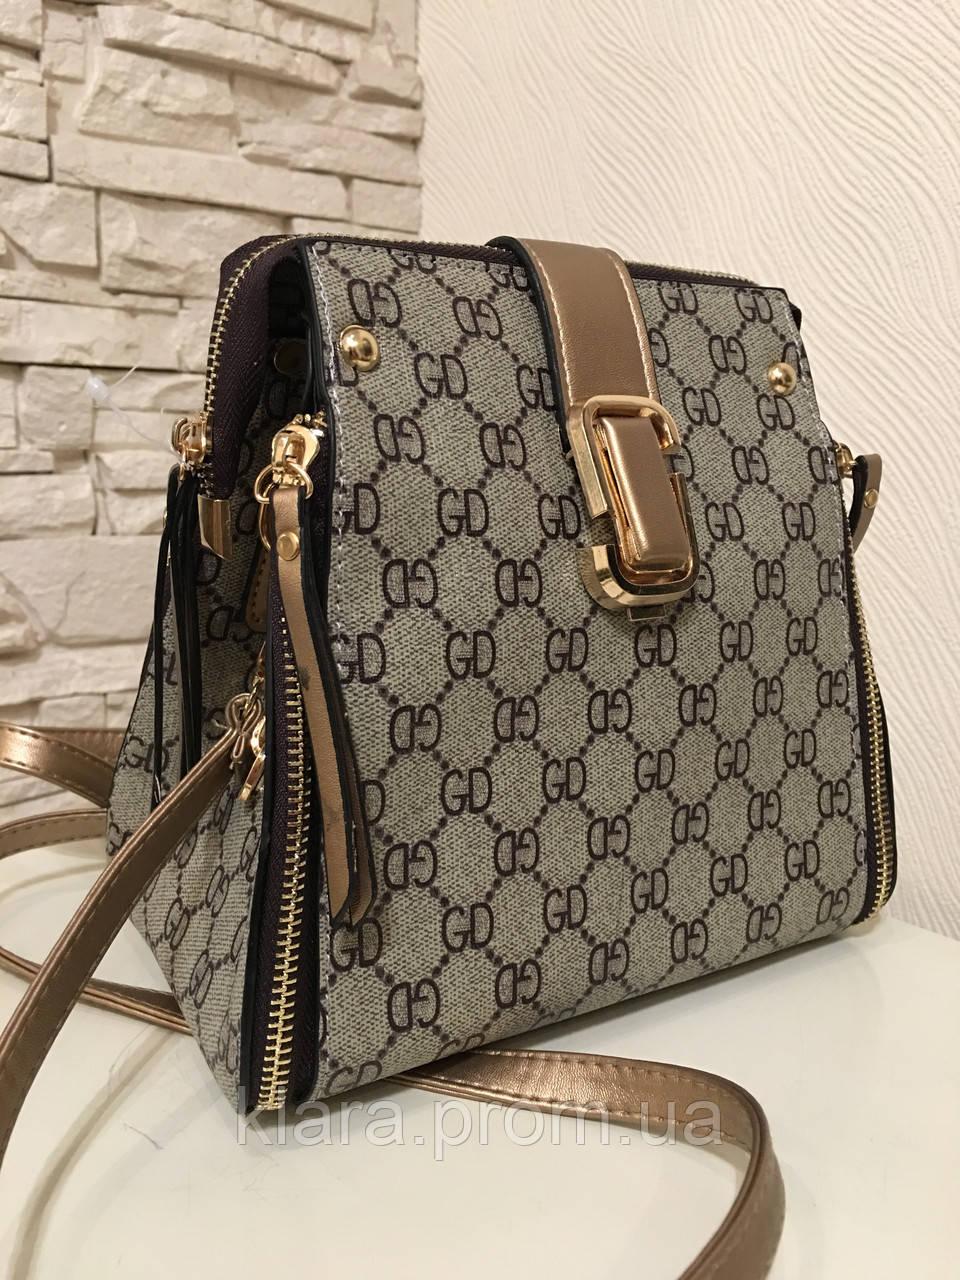 93b7a99c944e Добротная молодежная женская сумка-рюкзак бежевого цвета с принтом ,новинка  сезона 2018